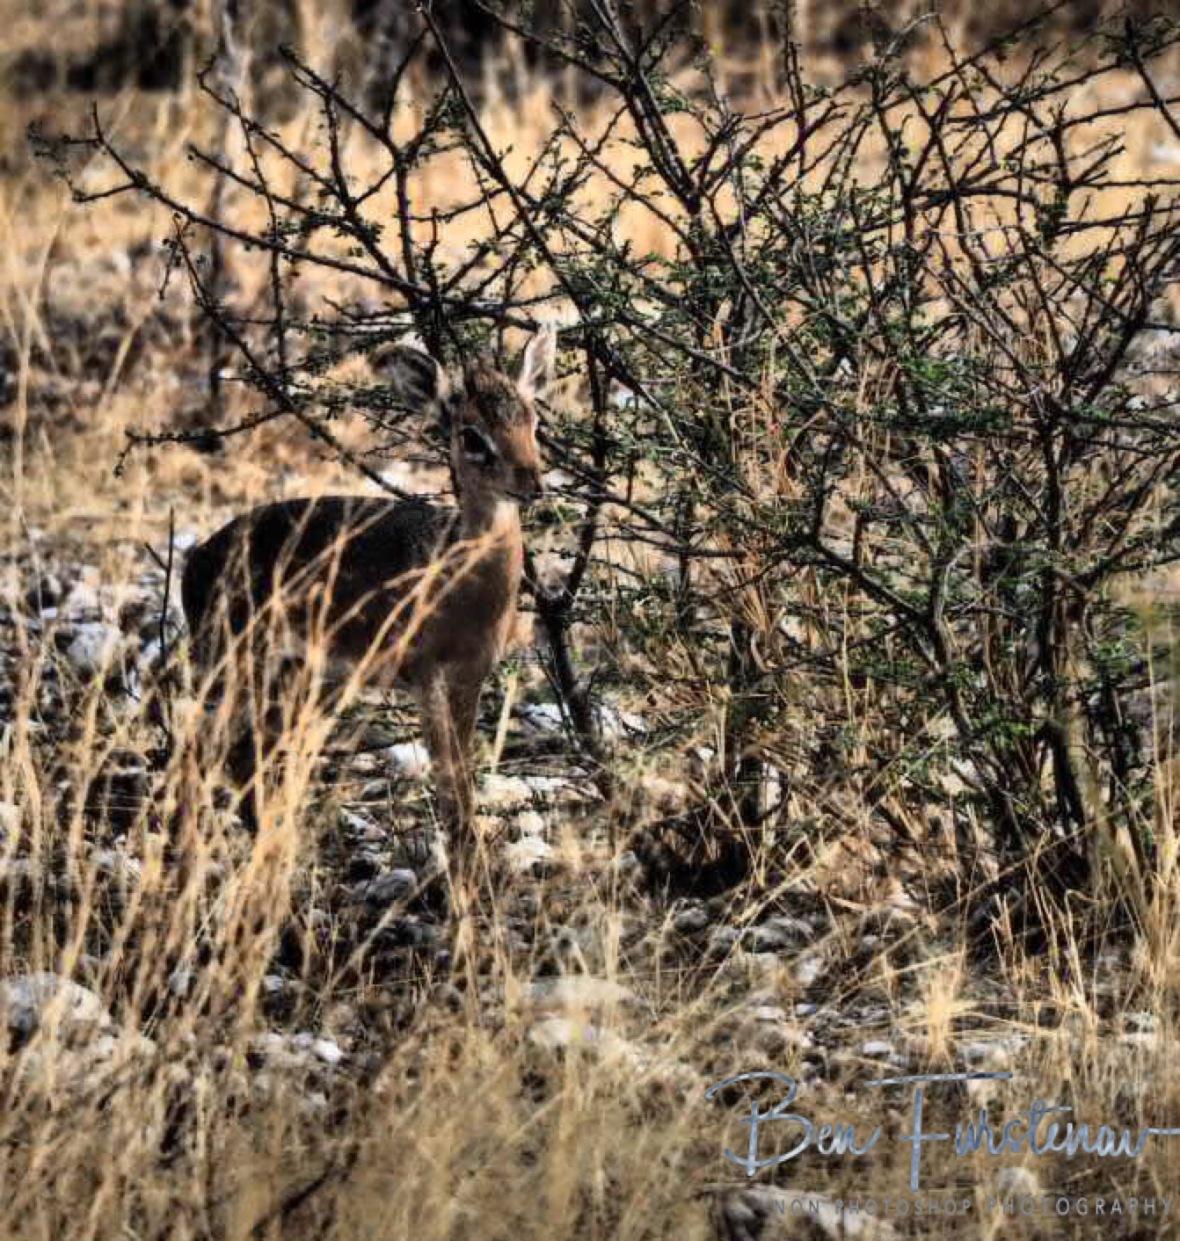 Tiny Dik-Dik, Sophienhof, Outjo, Namibia